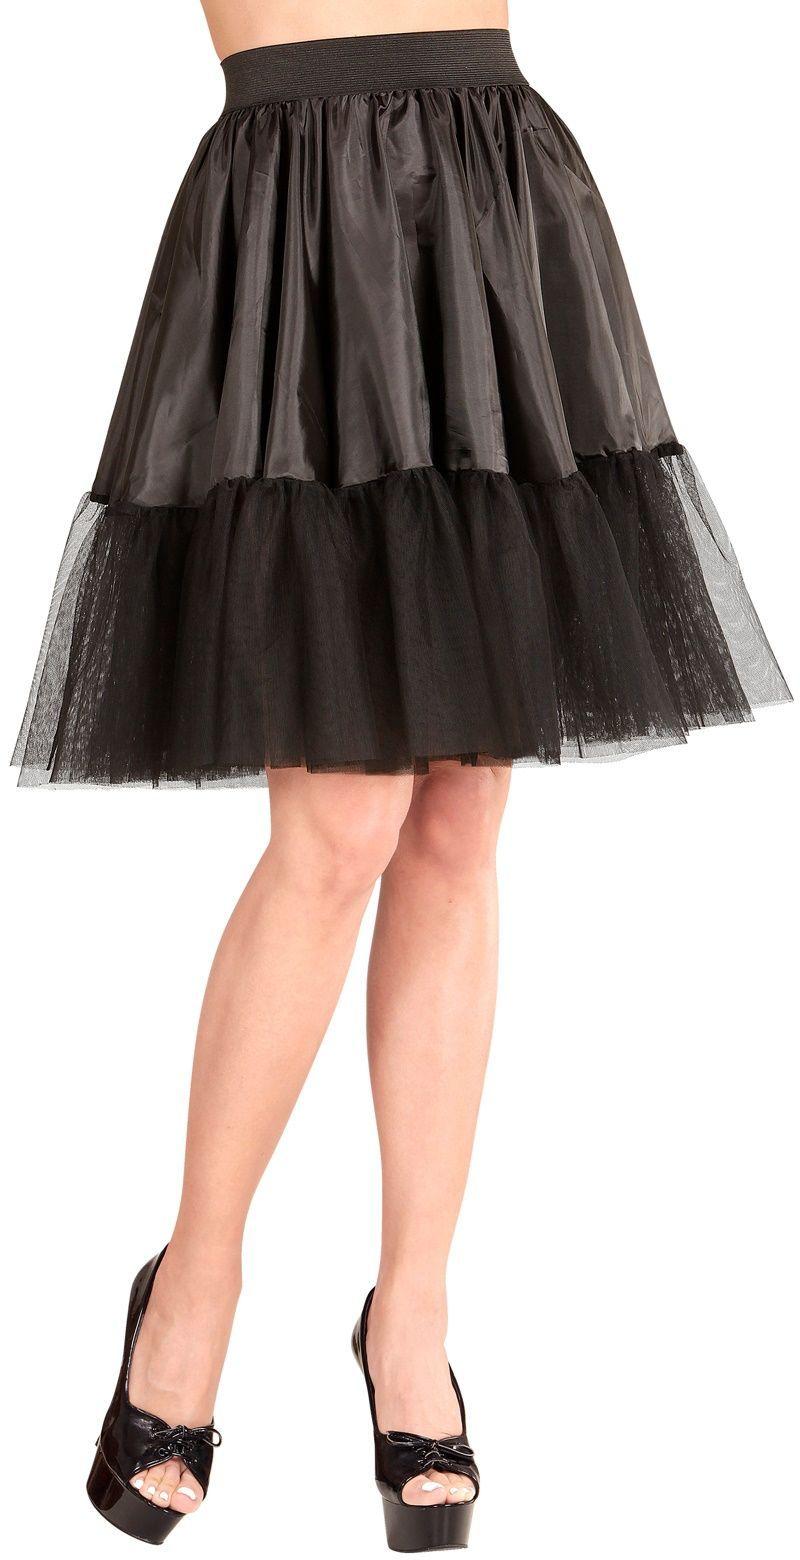 Zwarte petticoat dames